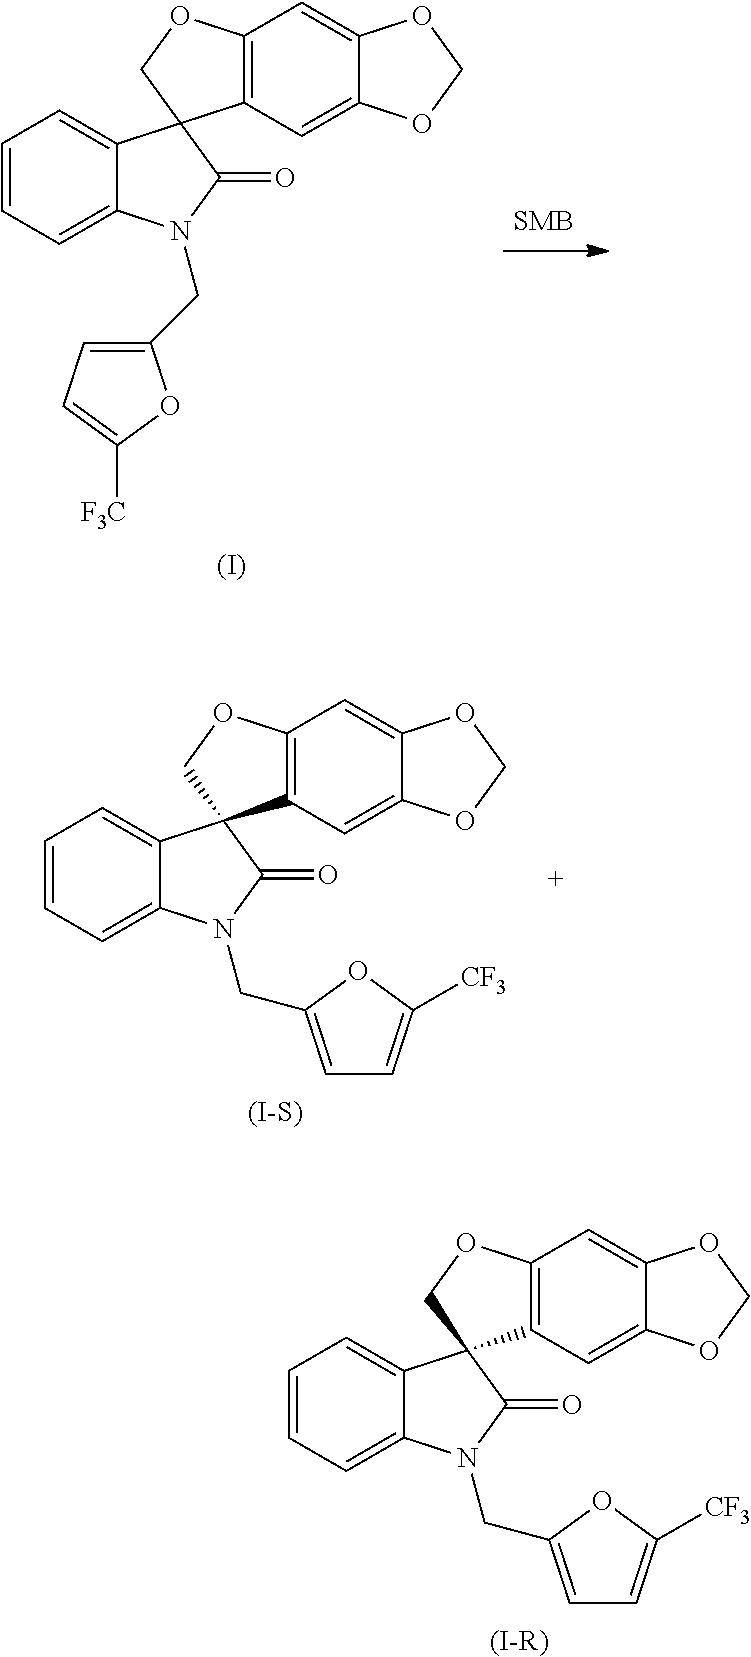 Figure US09260446-20160216-C00029